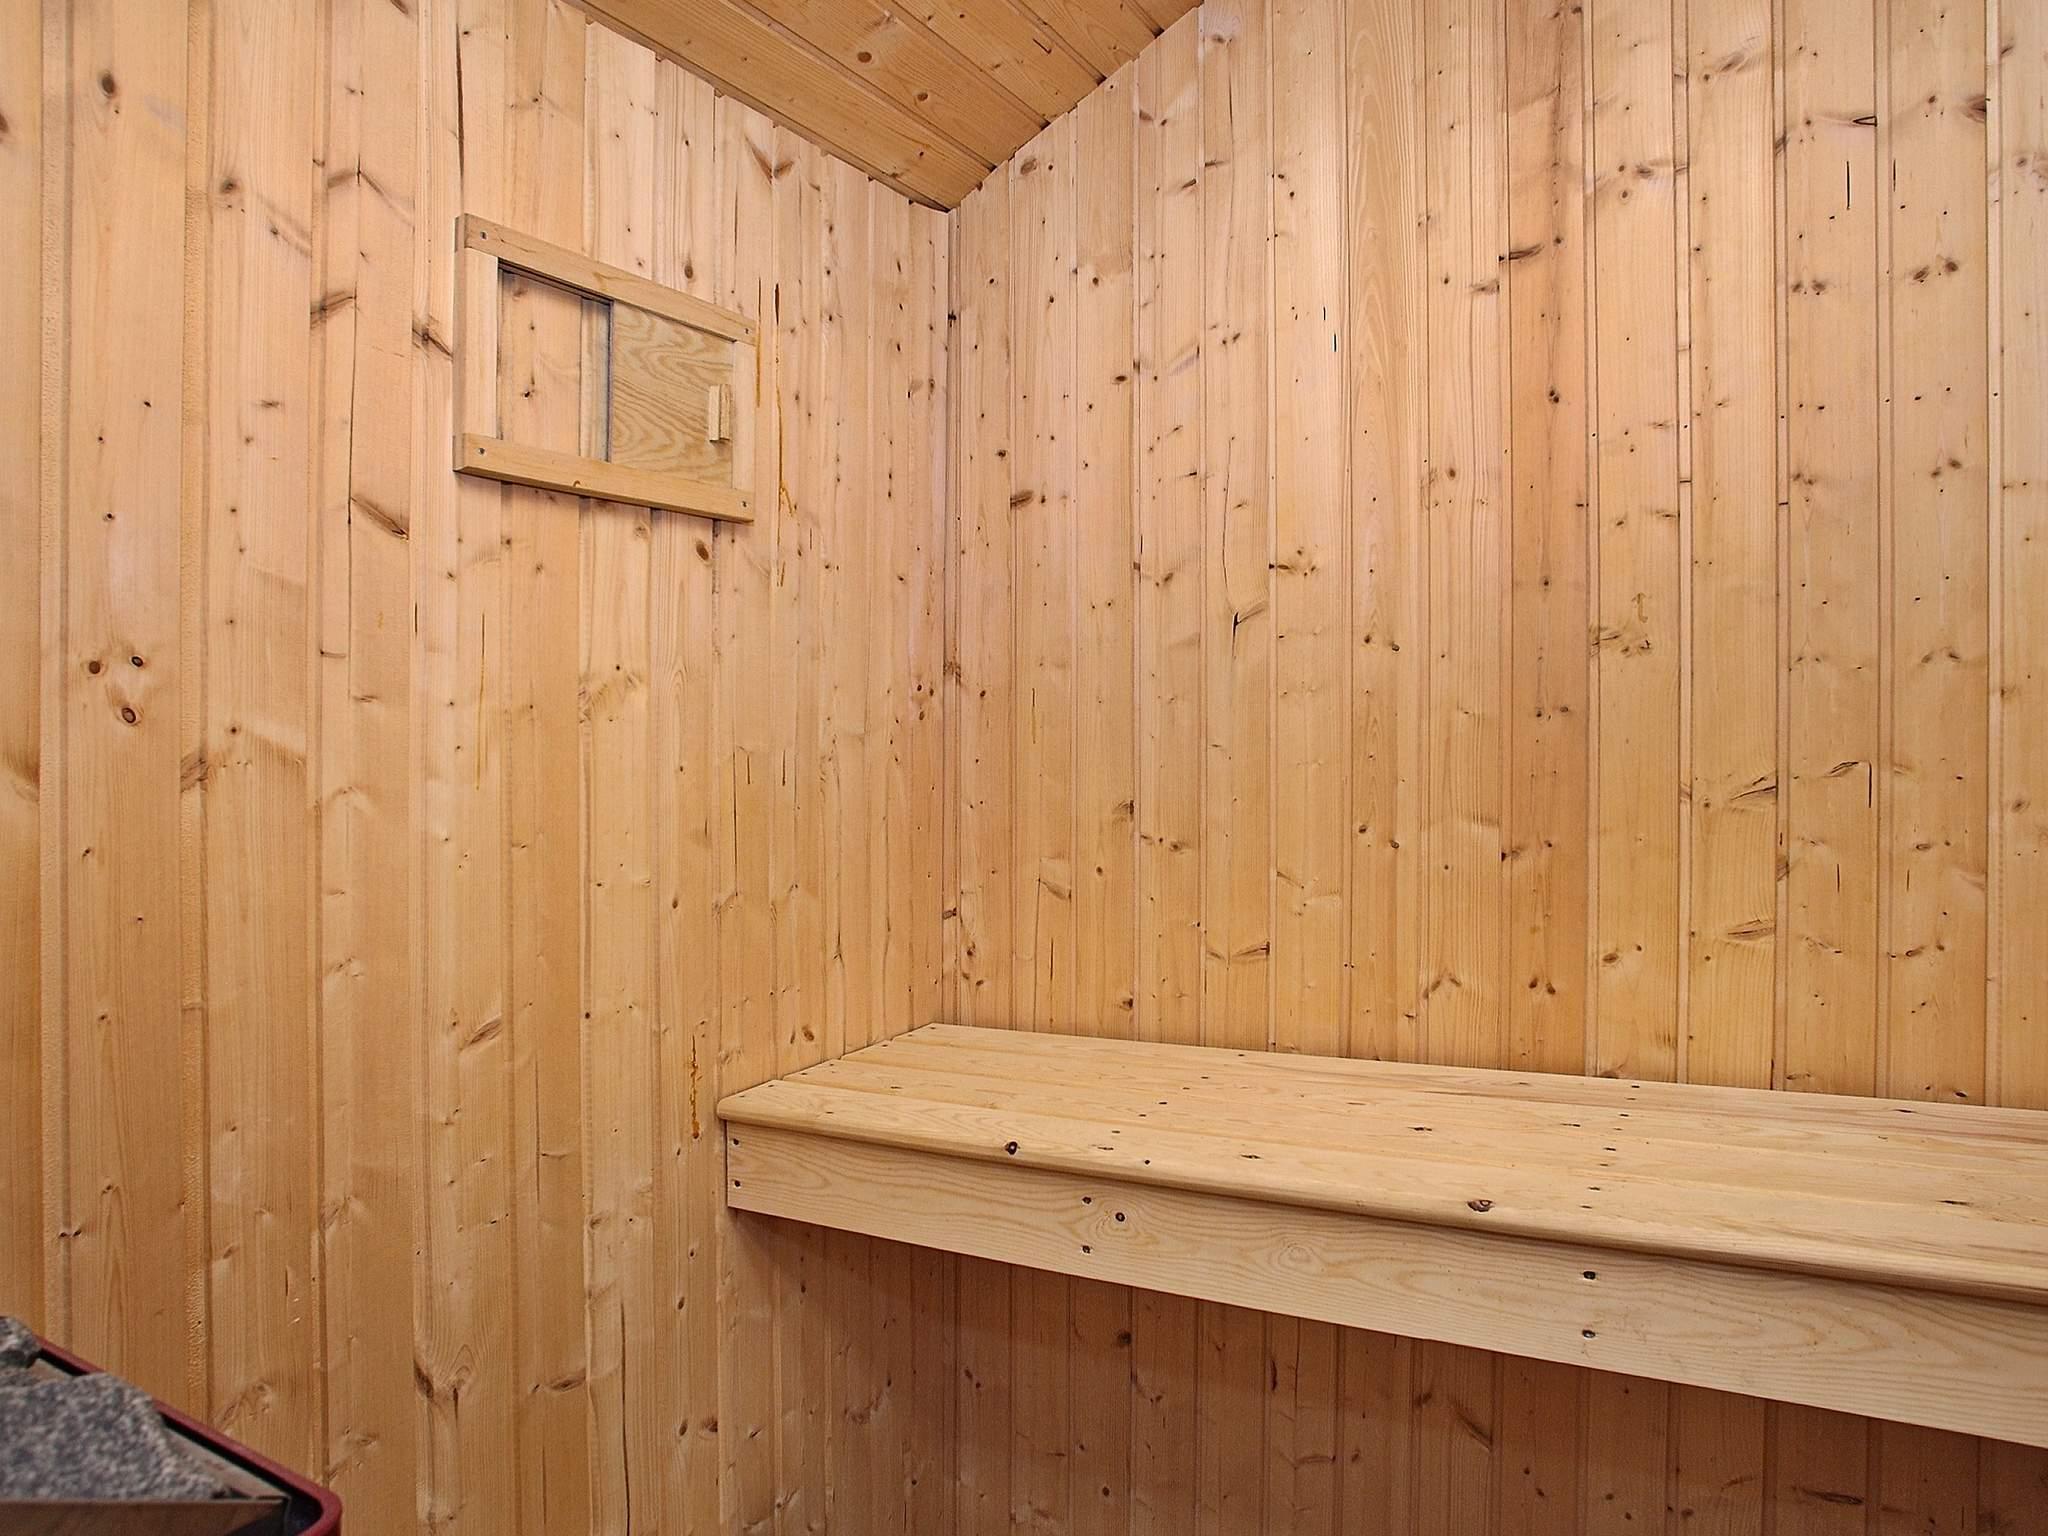 Ferienhaus Løkken (84084), Løkken, , Nordwestjütland, Dänemark, Bild 17